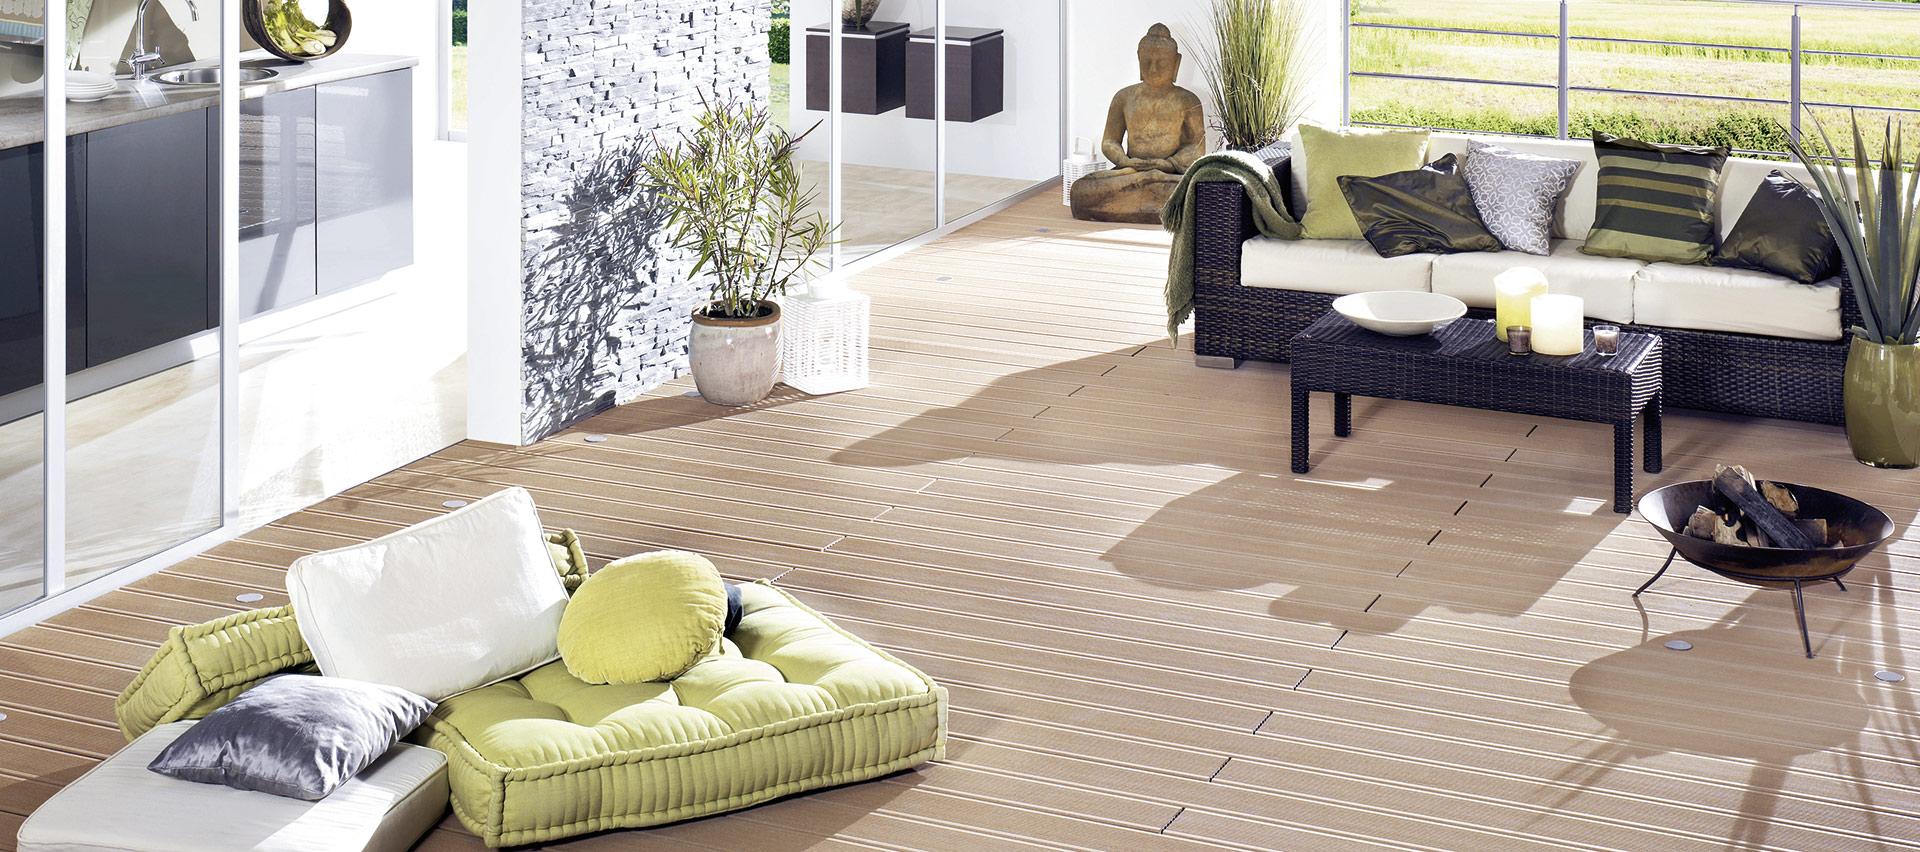 Terrassendielen vom Holzfachhandel Holz-Hauff in Leingarten